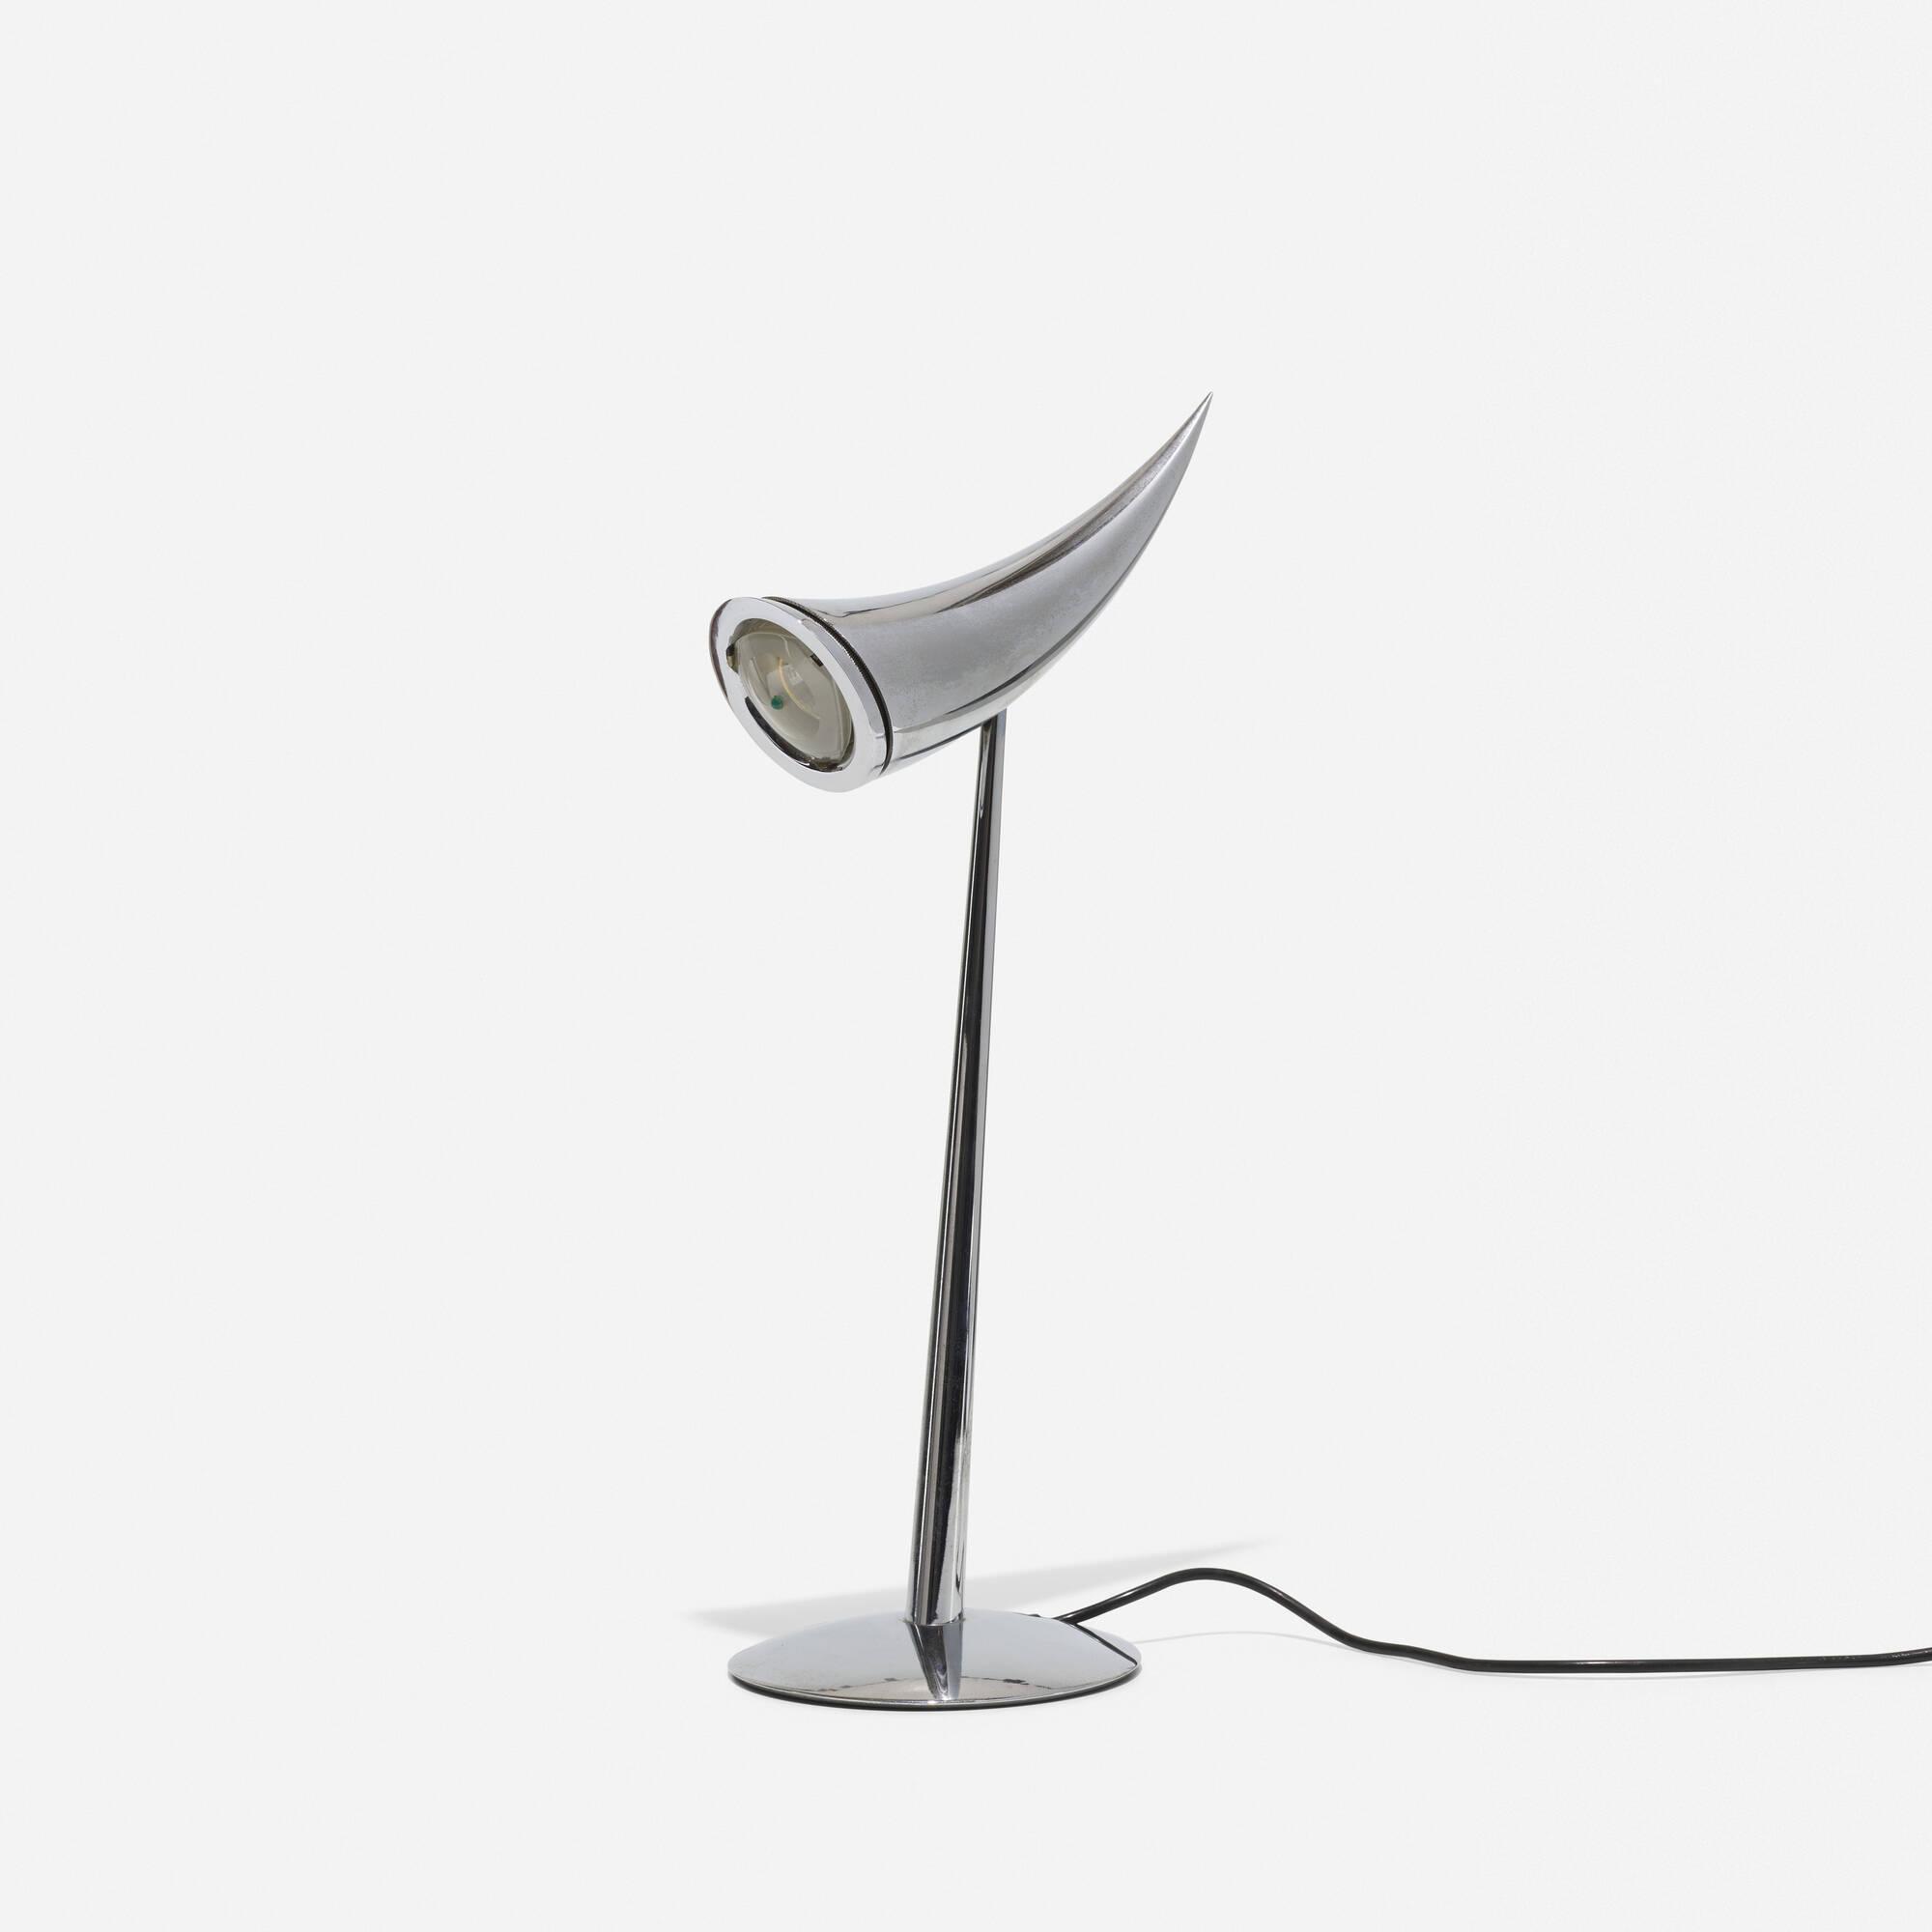 263: Philippe Starck / Ara table lamp (1 of 2)